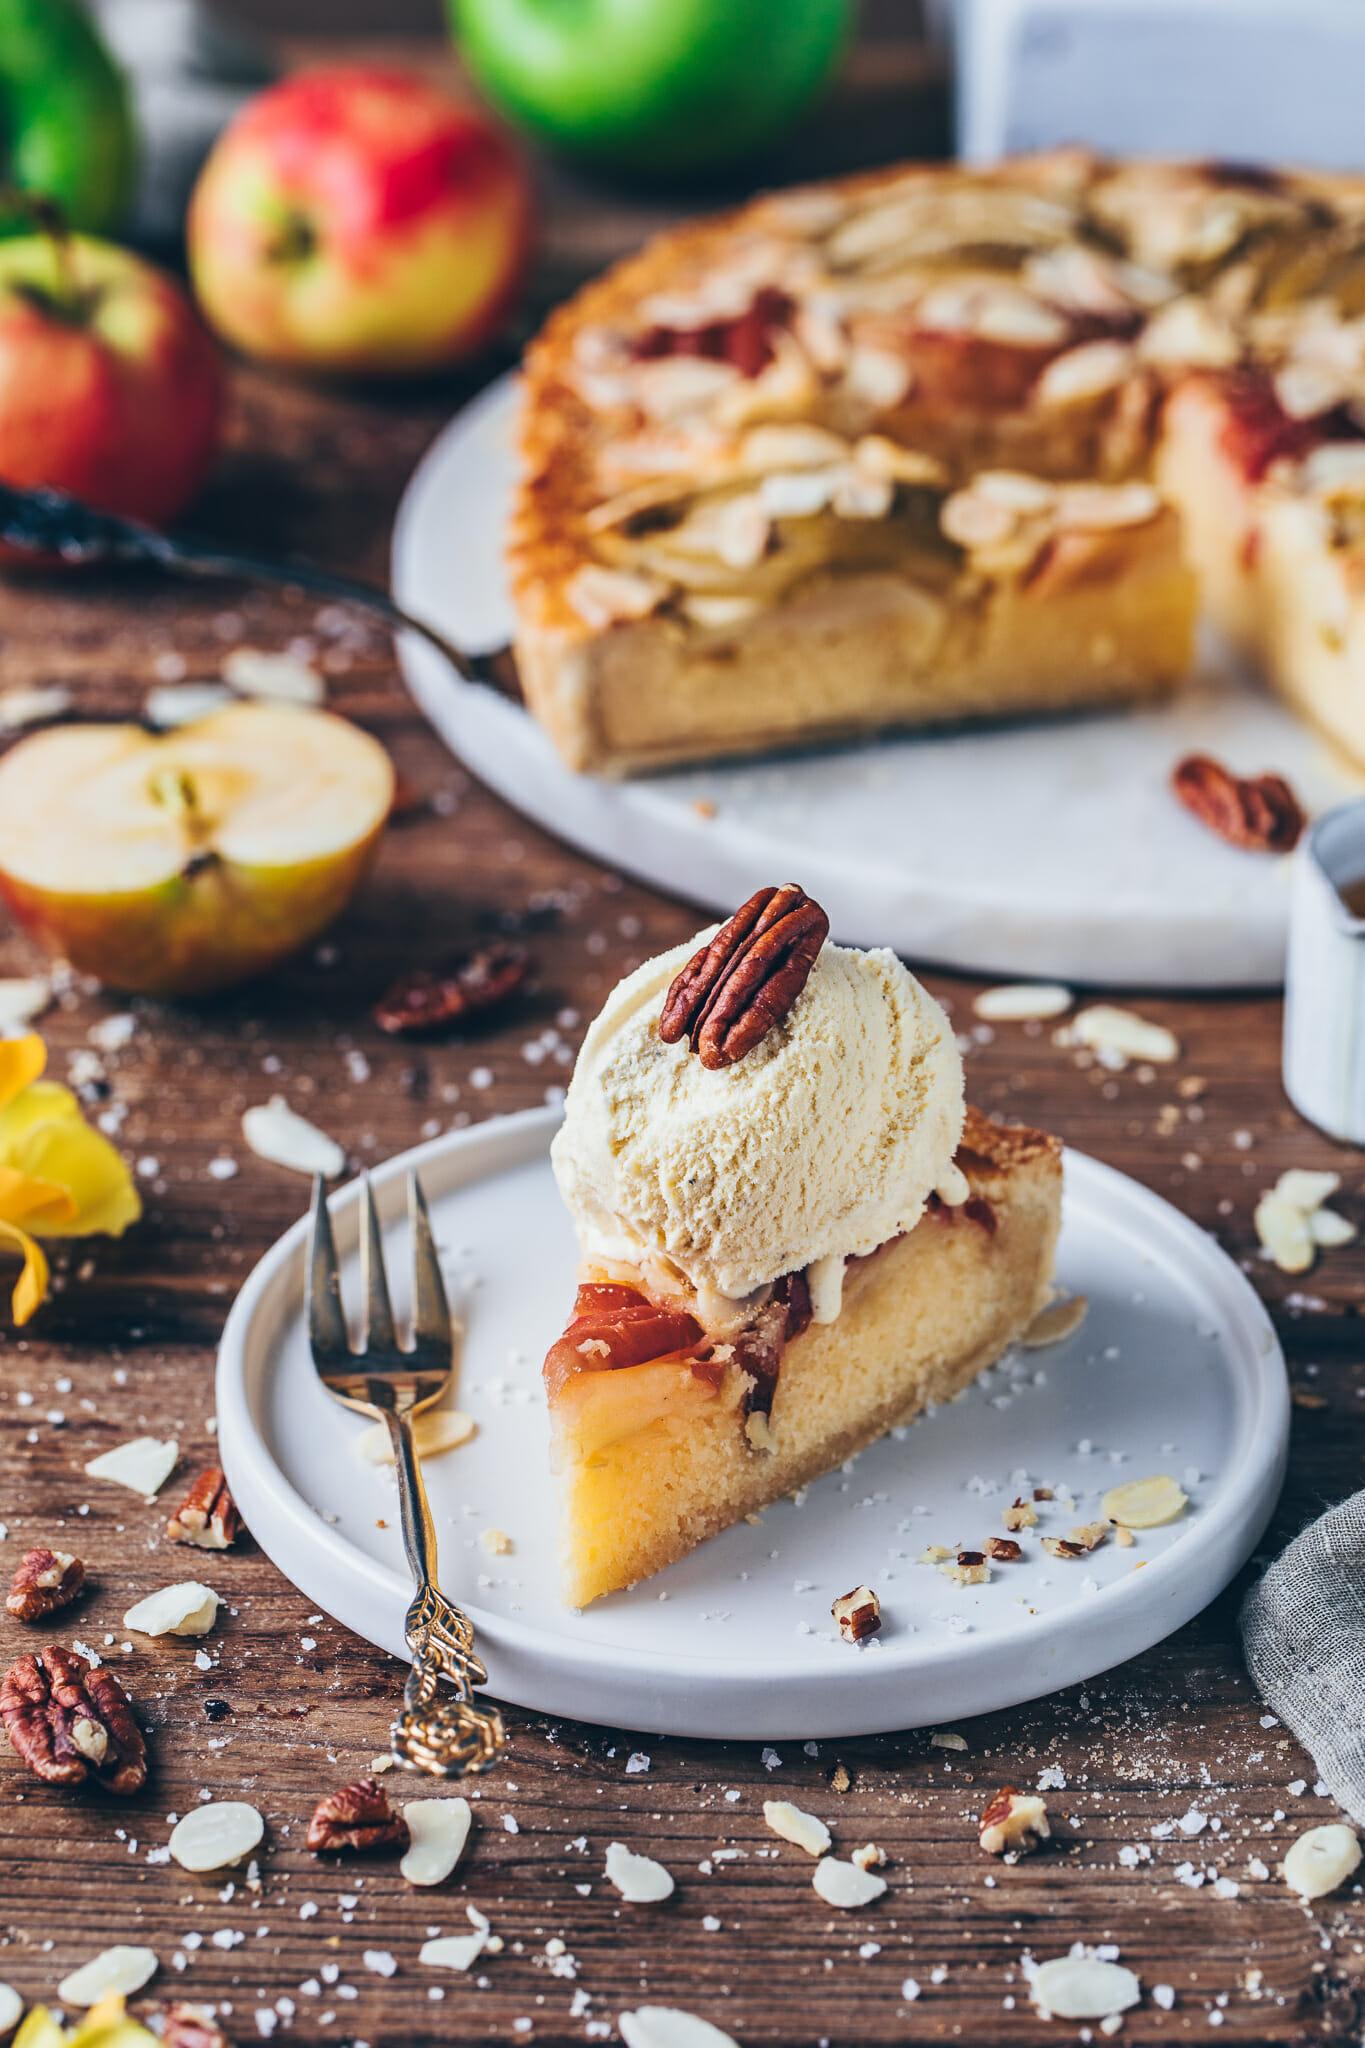 Apple Cake with ice cream (pecan pie)